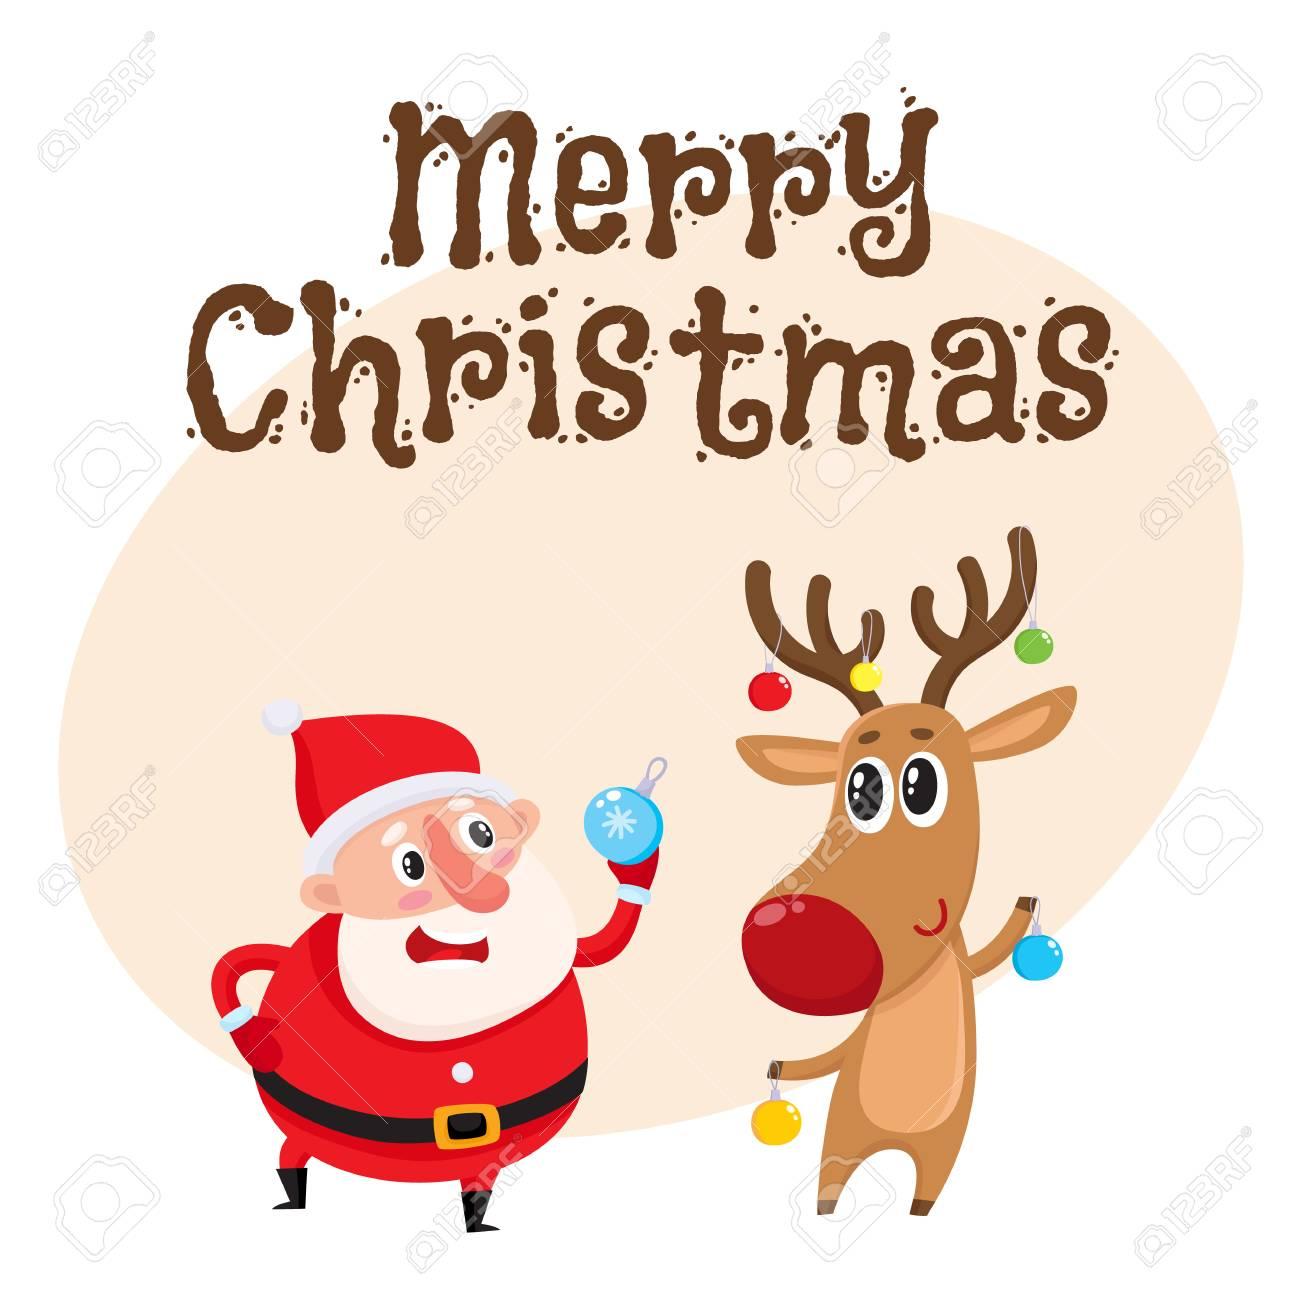 Photo De Noel Drole.Modèle De Carte De Voeux Joyeux Noël Avec Drôle De Père Noël Et Renne Drôle Tenant Des Boules De Noël Illustration De Vecteur De Dessin Animé Isolé